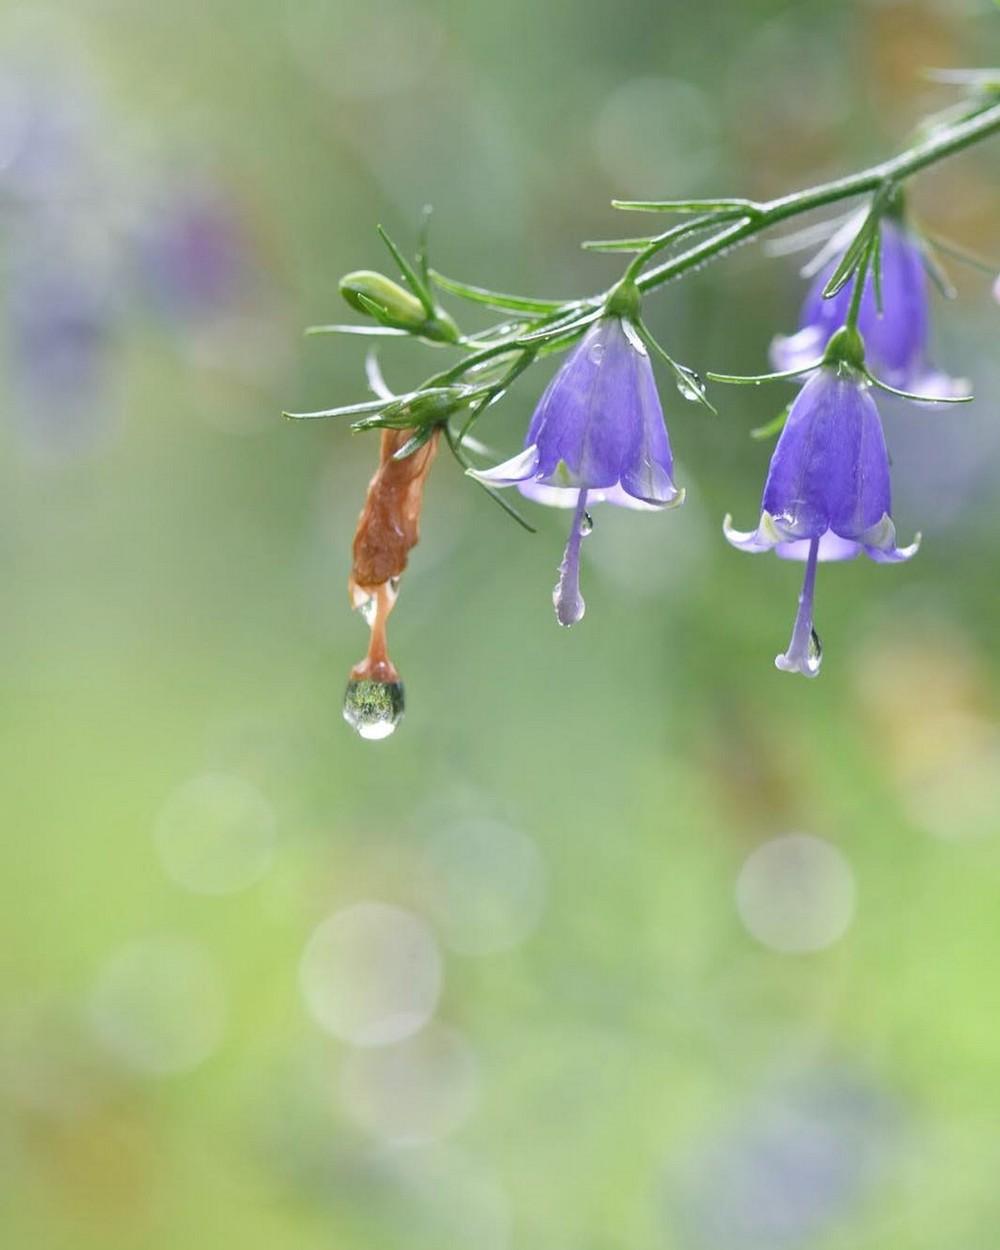 Растения, цветы и насекомые на снимках Каору Тай